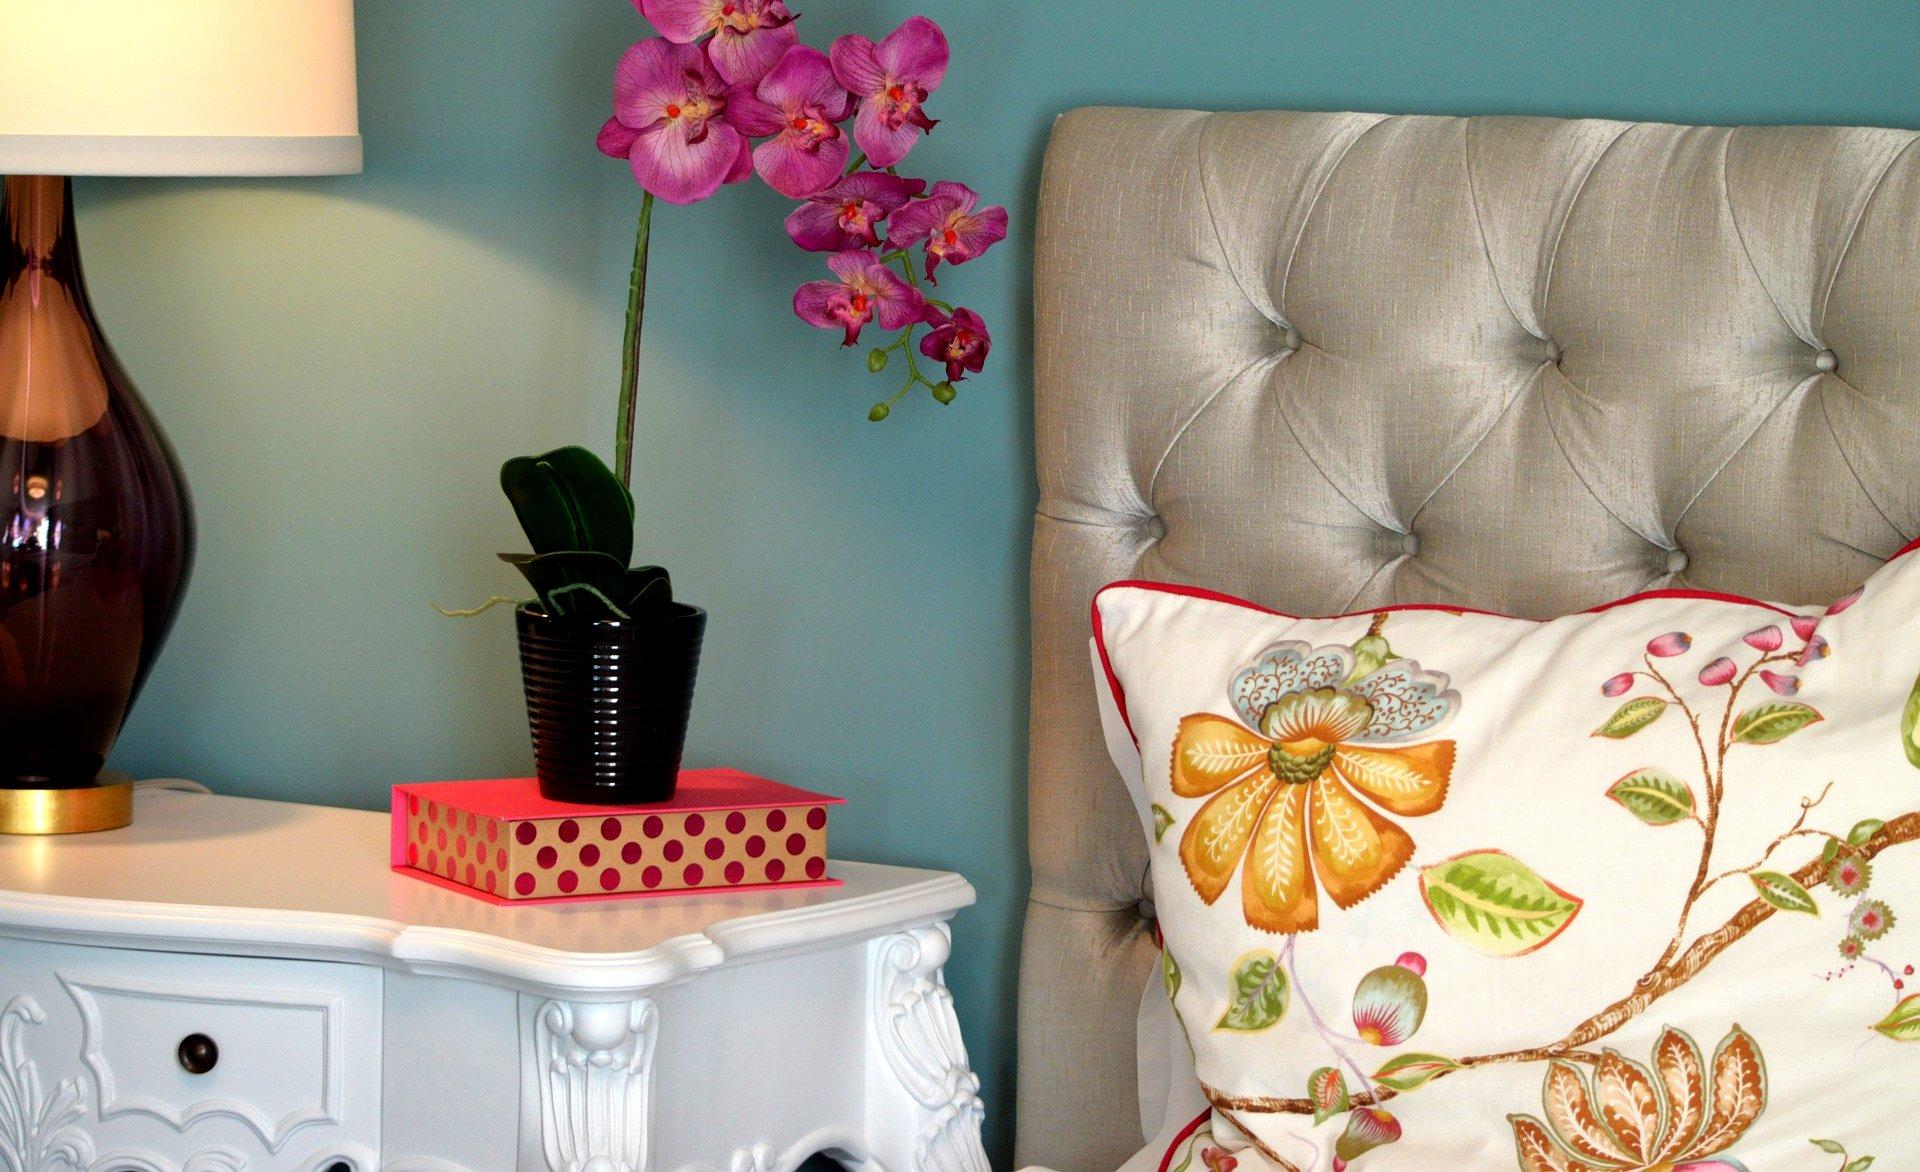 Come rendere unica la casa in 5 semplici mosse - Rinnovare la camera da letto ...